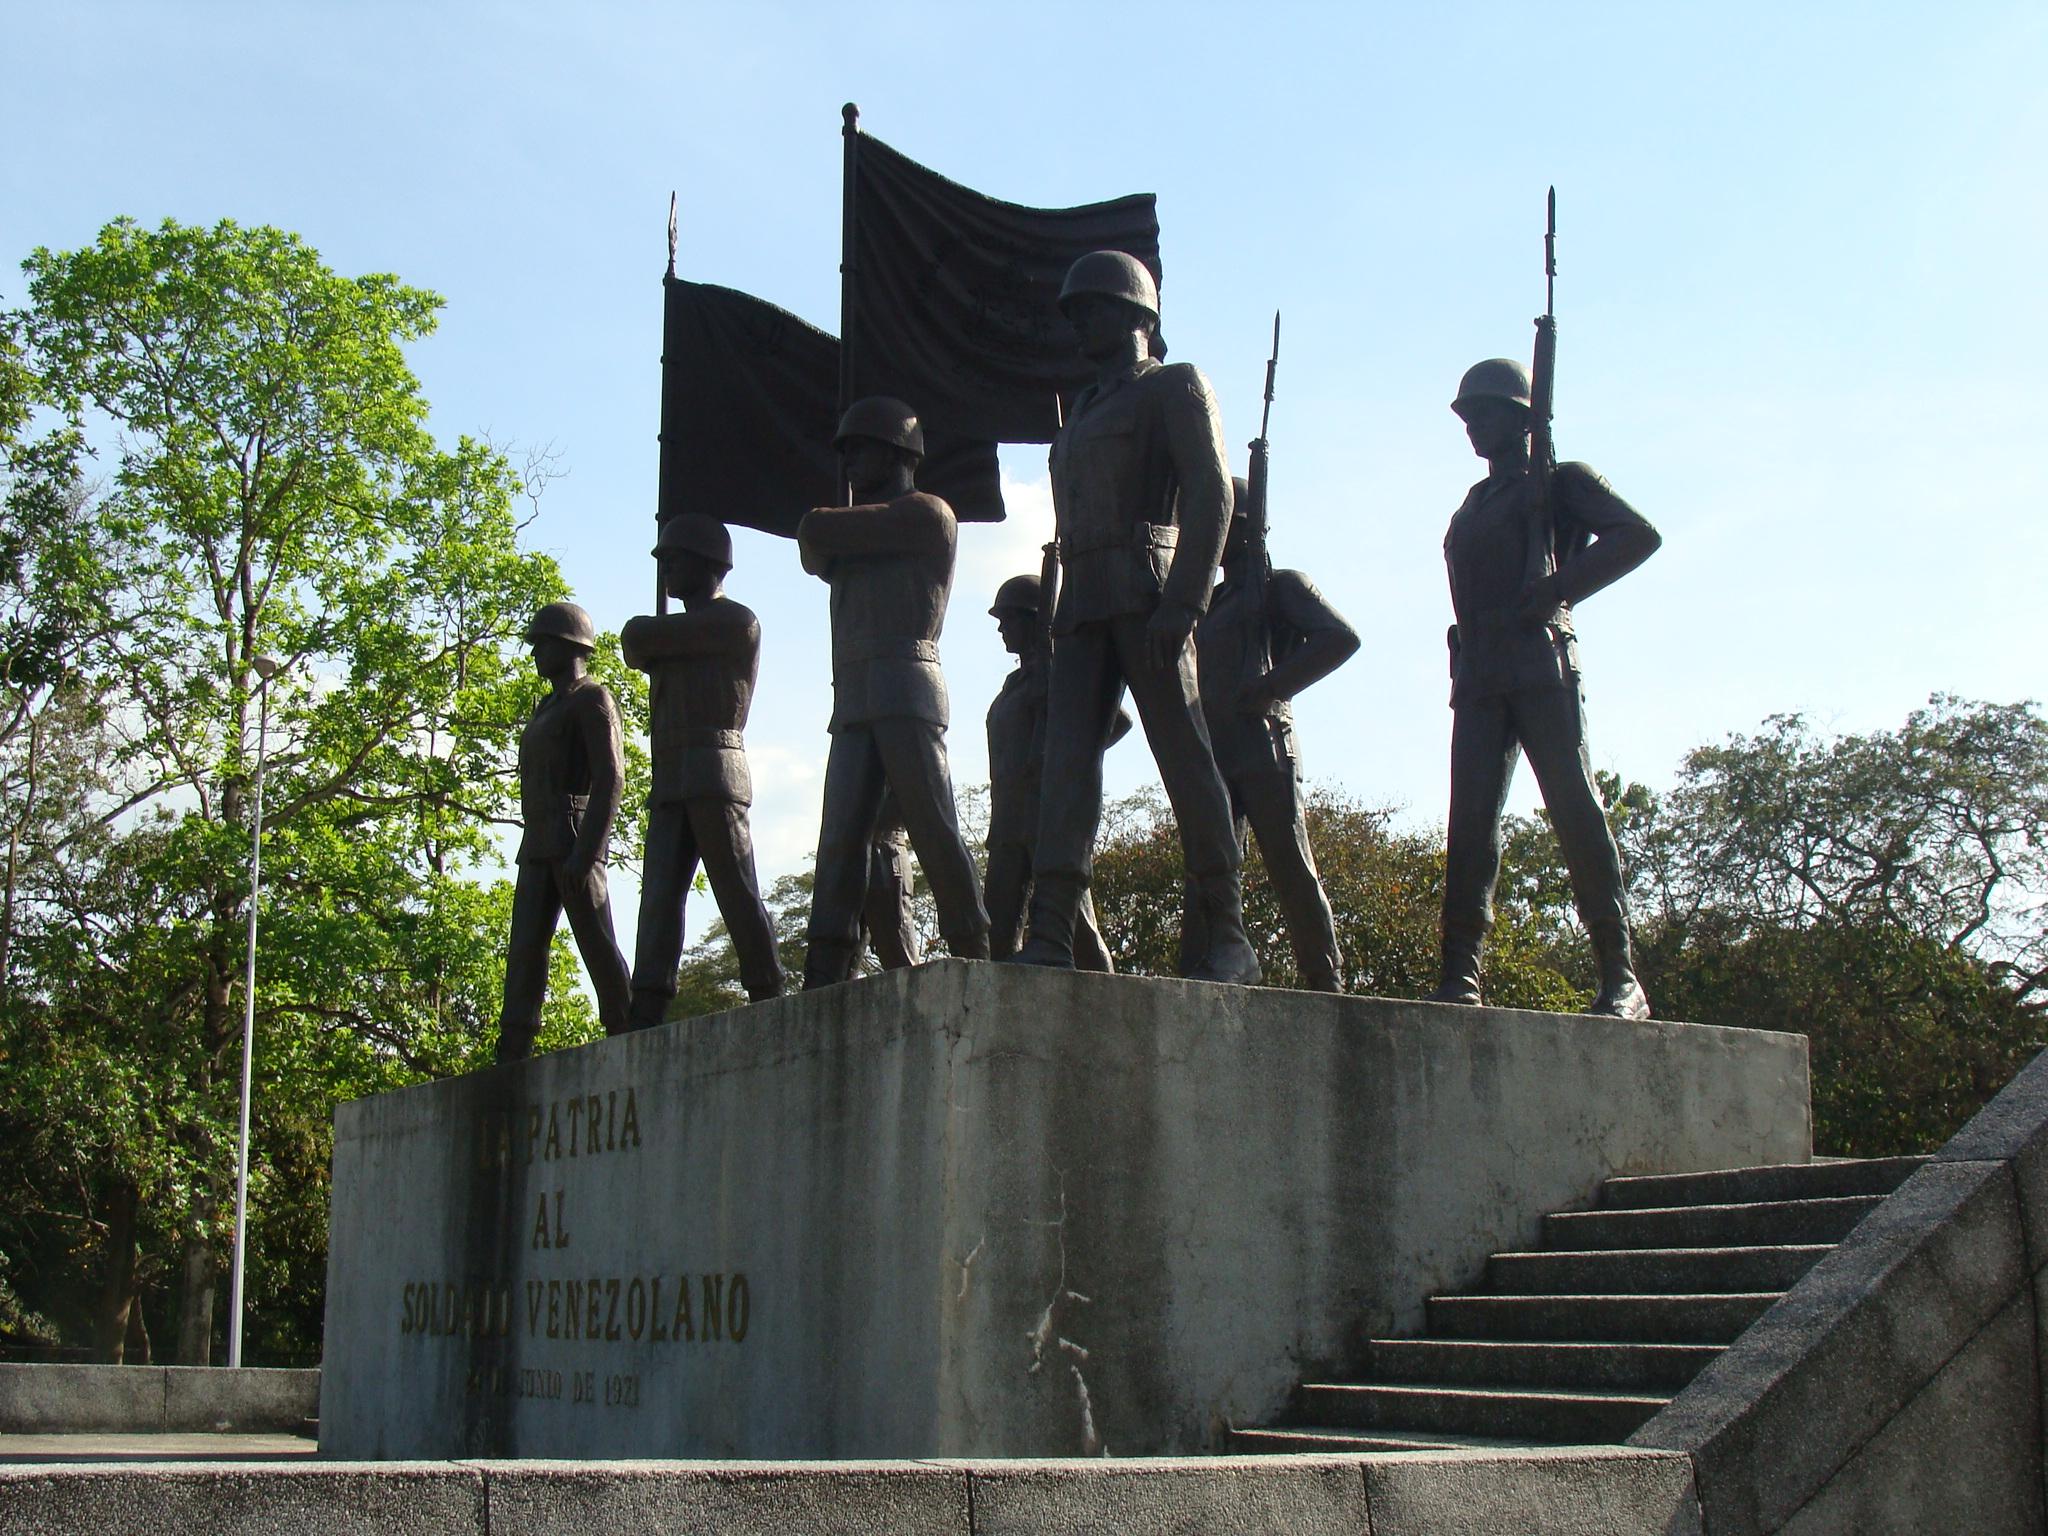 monumento alsoldado